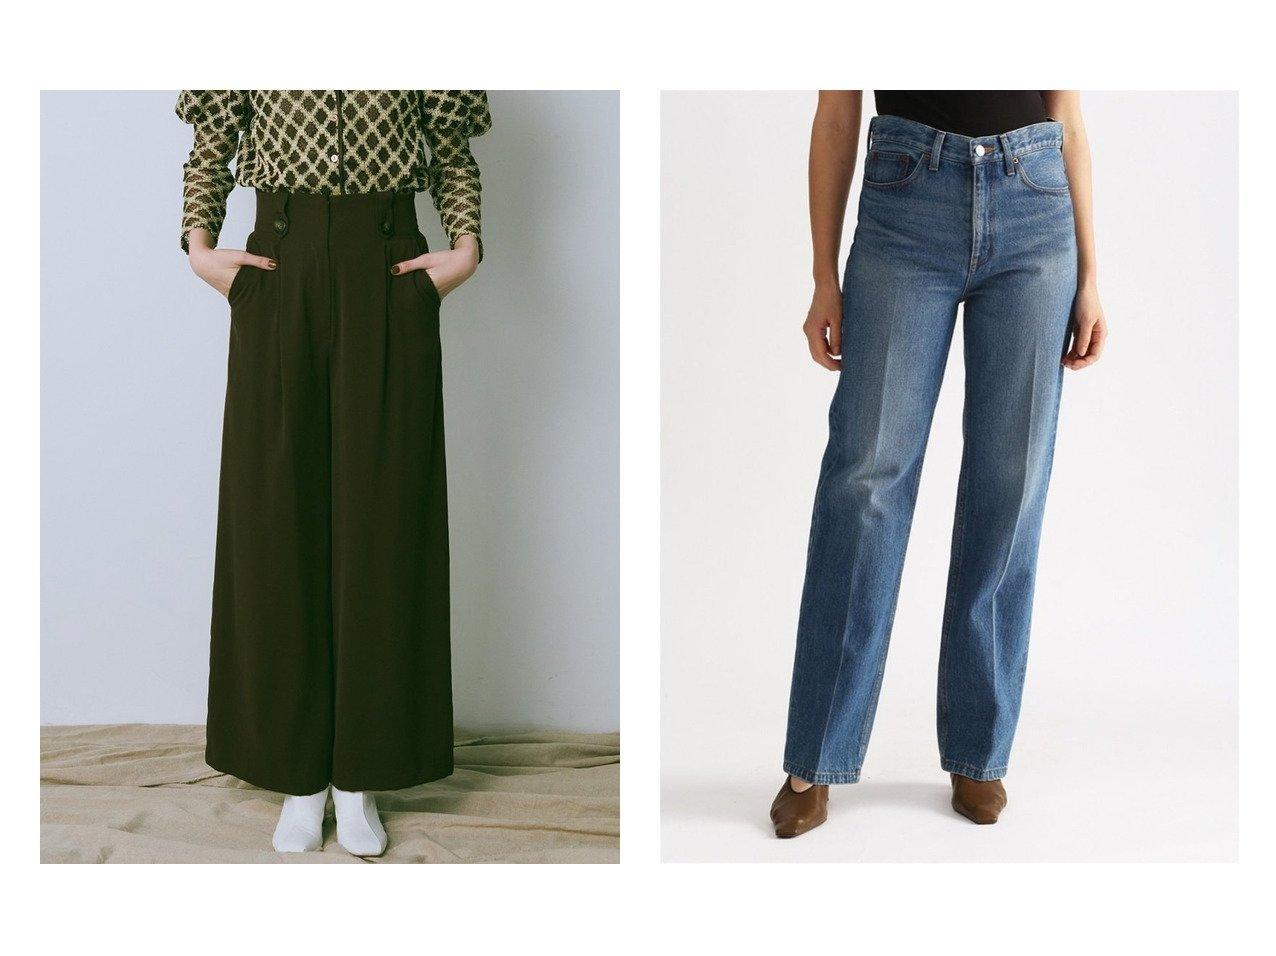 【Lily Brown/リリーブラウン】のハイウエストタックパンツ&【Mila Owen/ミラオーウェン】のセンター削りオーガニックデニムパンツ パンツおすすめ!人気、トレンド・レディースファッションの通販 おすすめで人気の流行・トレンド、ファッションの通販商品 メンズファッション・キッズファッション・インテリア・家具・レディースファッション・服の通販 founy(ファニー) https://founy.com/ ファッション Fashion レディースファッション WOMEN パンツ Pants デニムパンツ Denim Pants ジョーゼット ジーンズ ストレート ワイド 11月号 12月号 センター デニム ボックス ヴィンテージ |ID:crp329100000011325